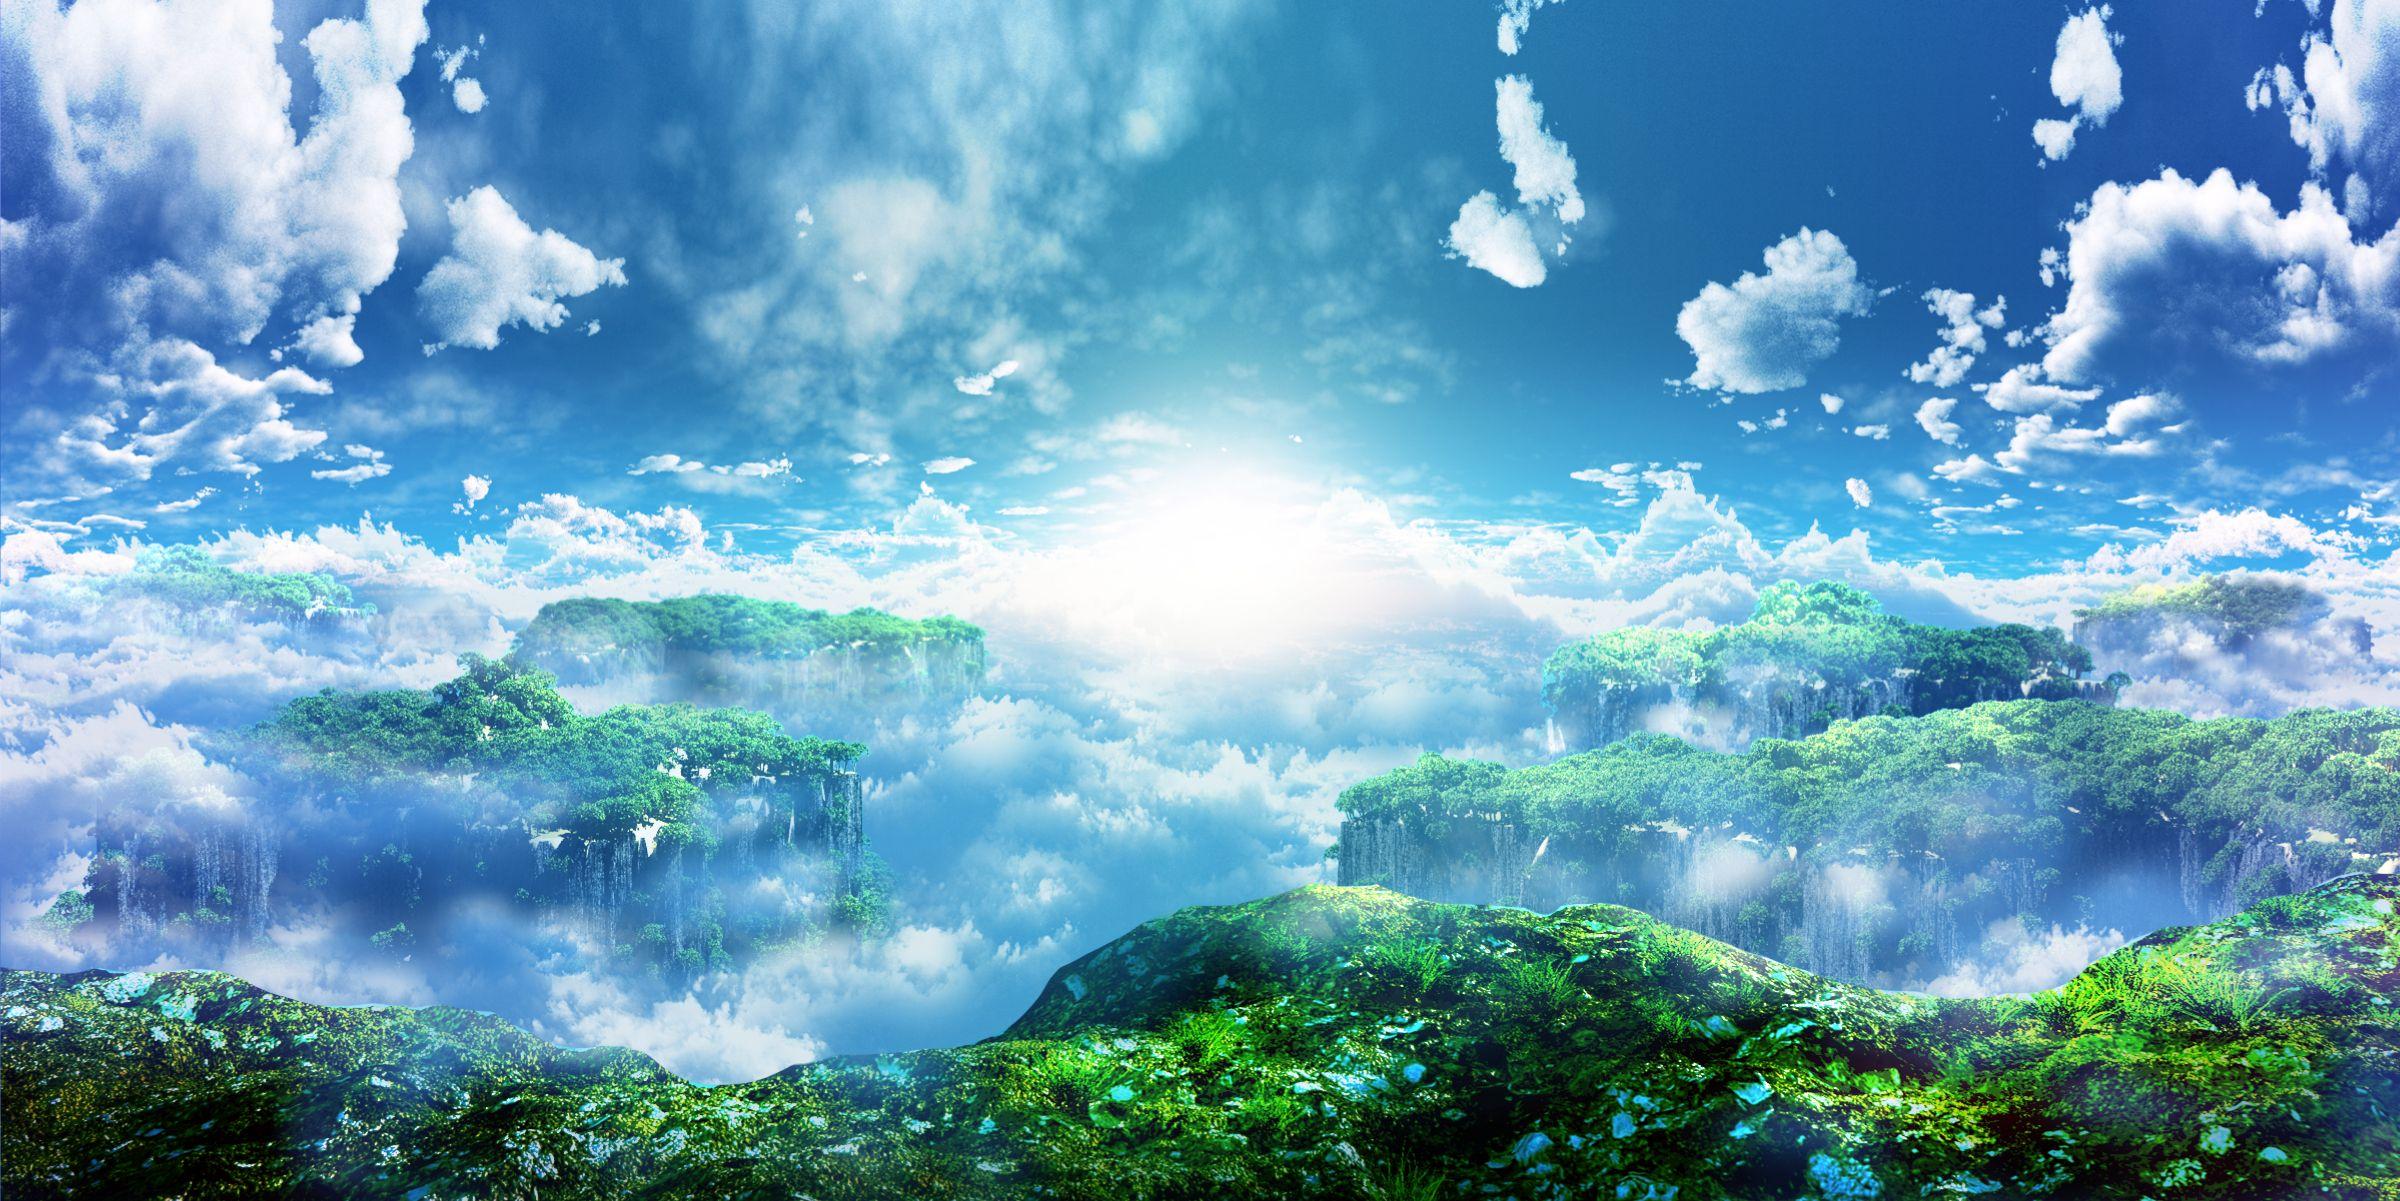 宇宙之神的夢幻美麗世界 宇宙之神的夢幻美麗世界 Pinterest Cloud, Landscaping